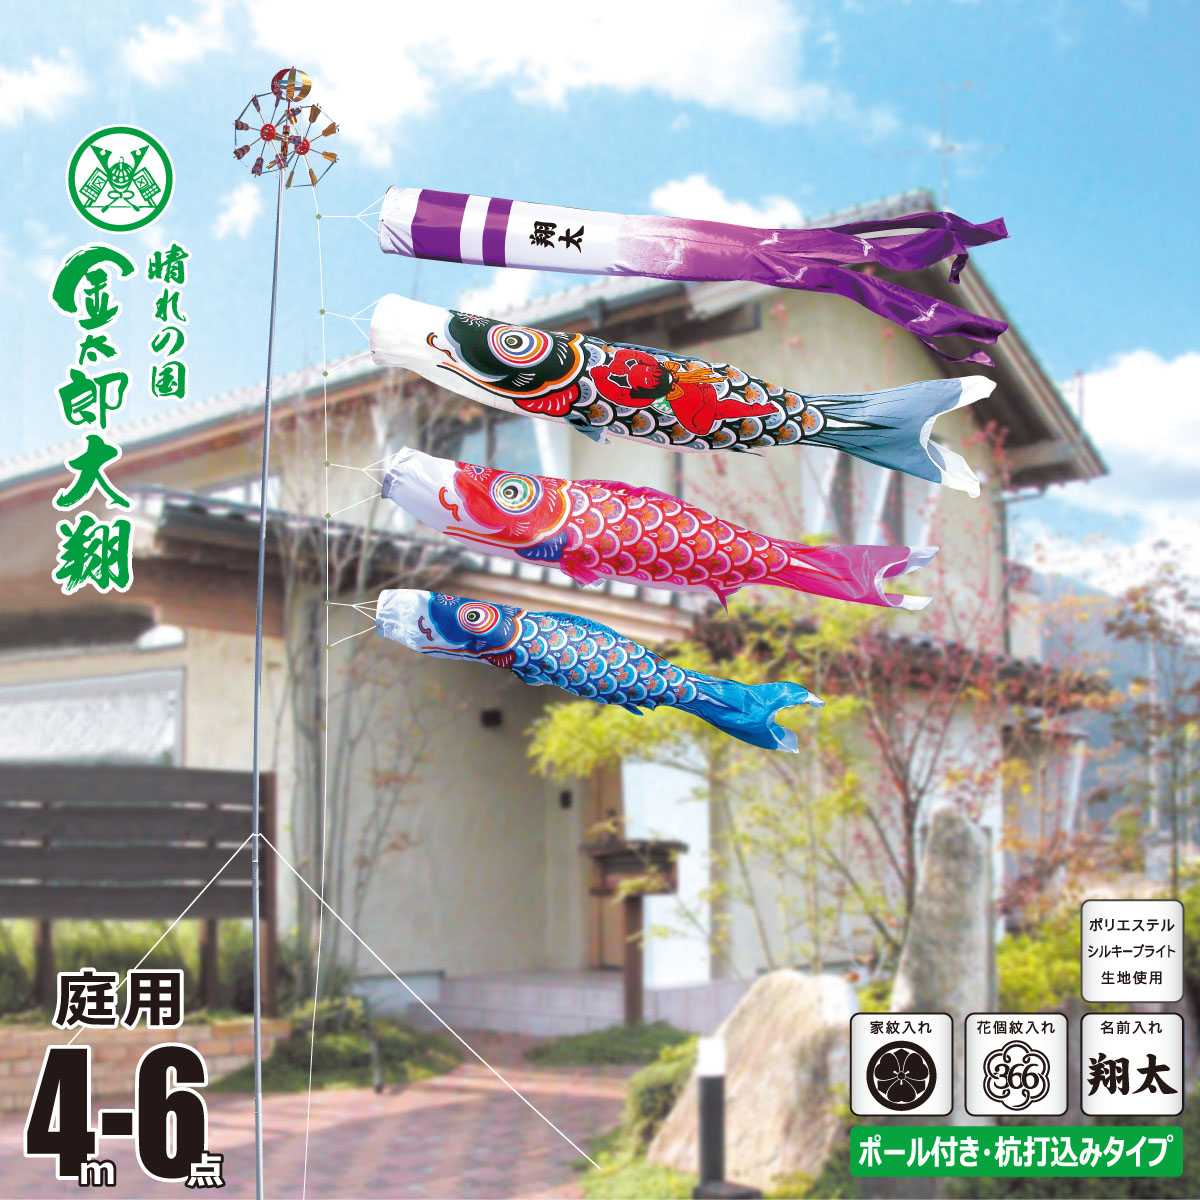 こいのぼり 4m 金太郎大翔 6点 (矢車、ロープ、吹流し、鯉3匹) 庭園用 ガーデンセット (専用ポール一式) 徳永鯉のぼり KIT-003-679